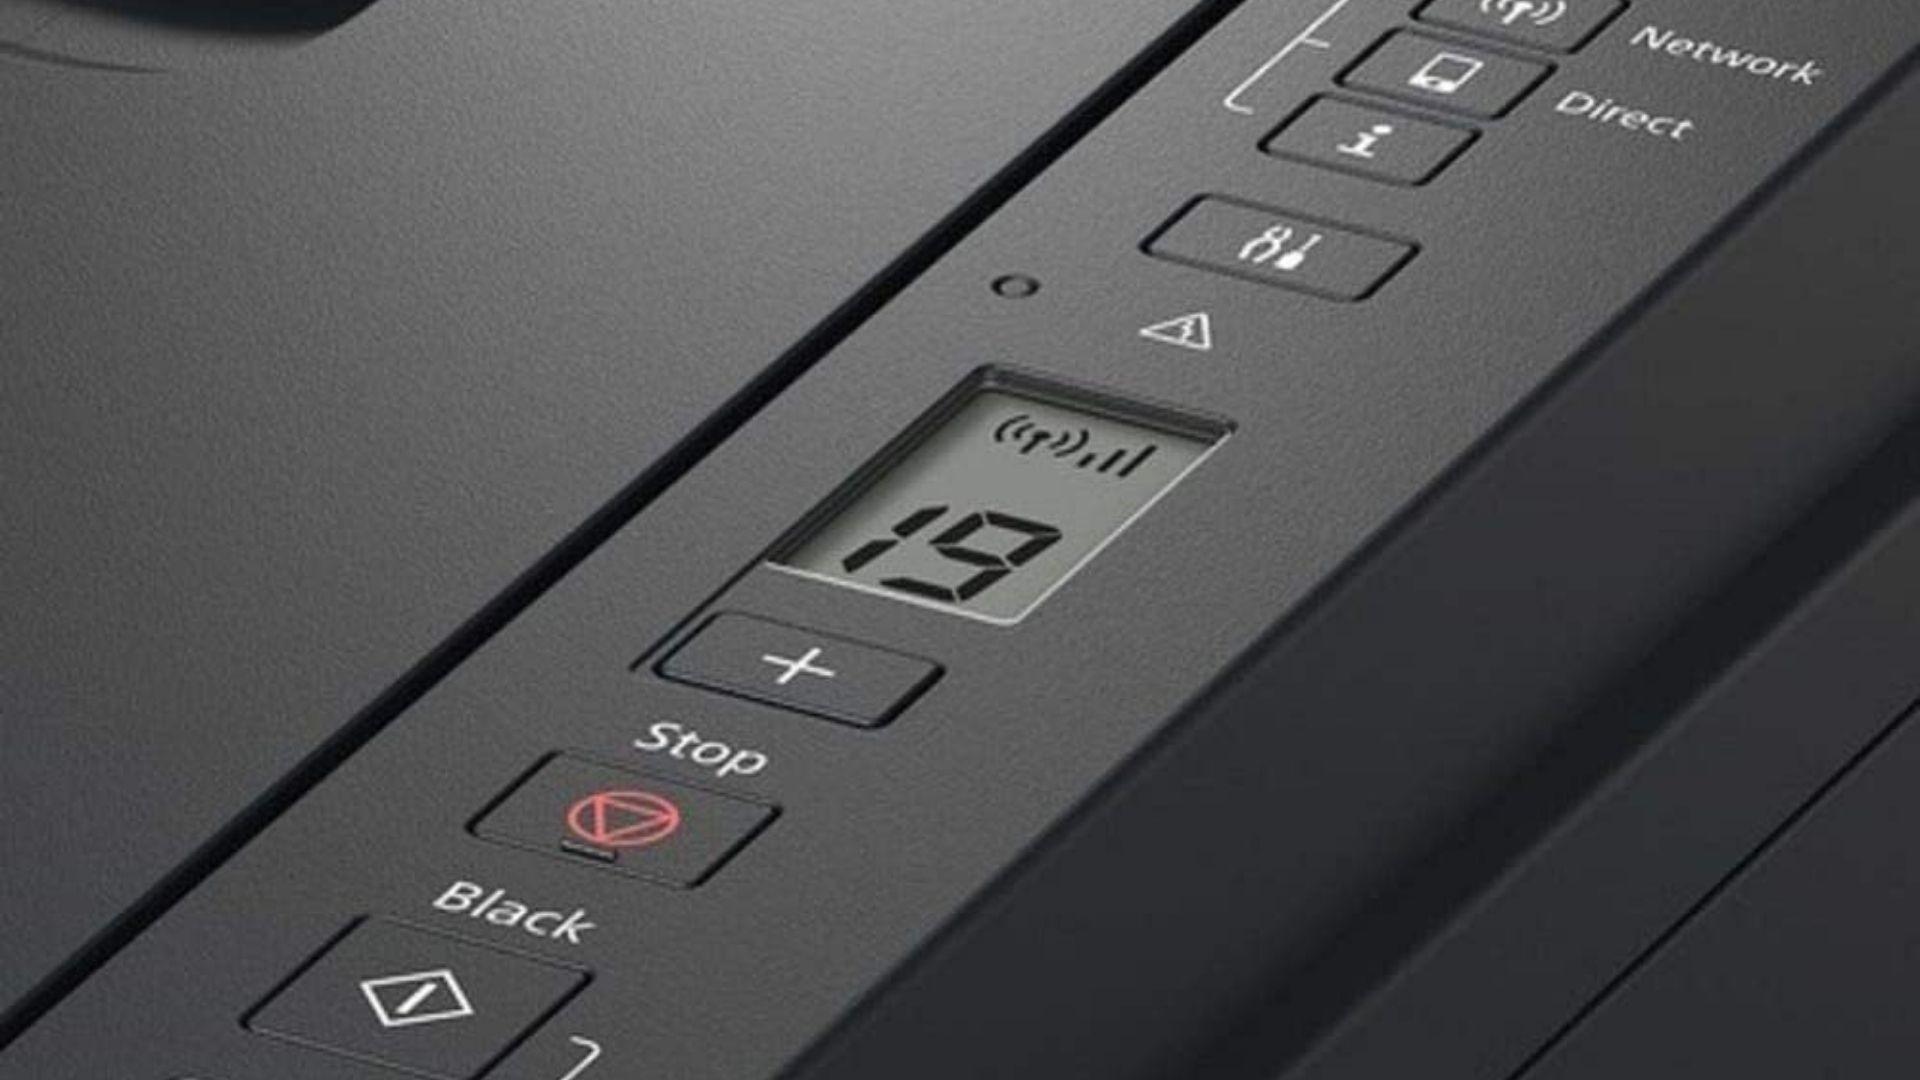 Os botões são intuitivos e a tela de LCD auxilia com as informações necessárias para o usuário.